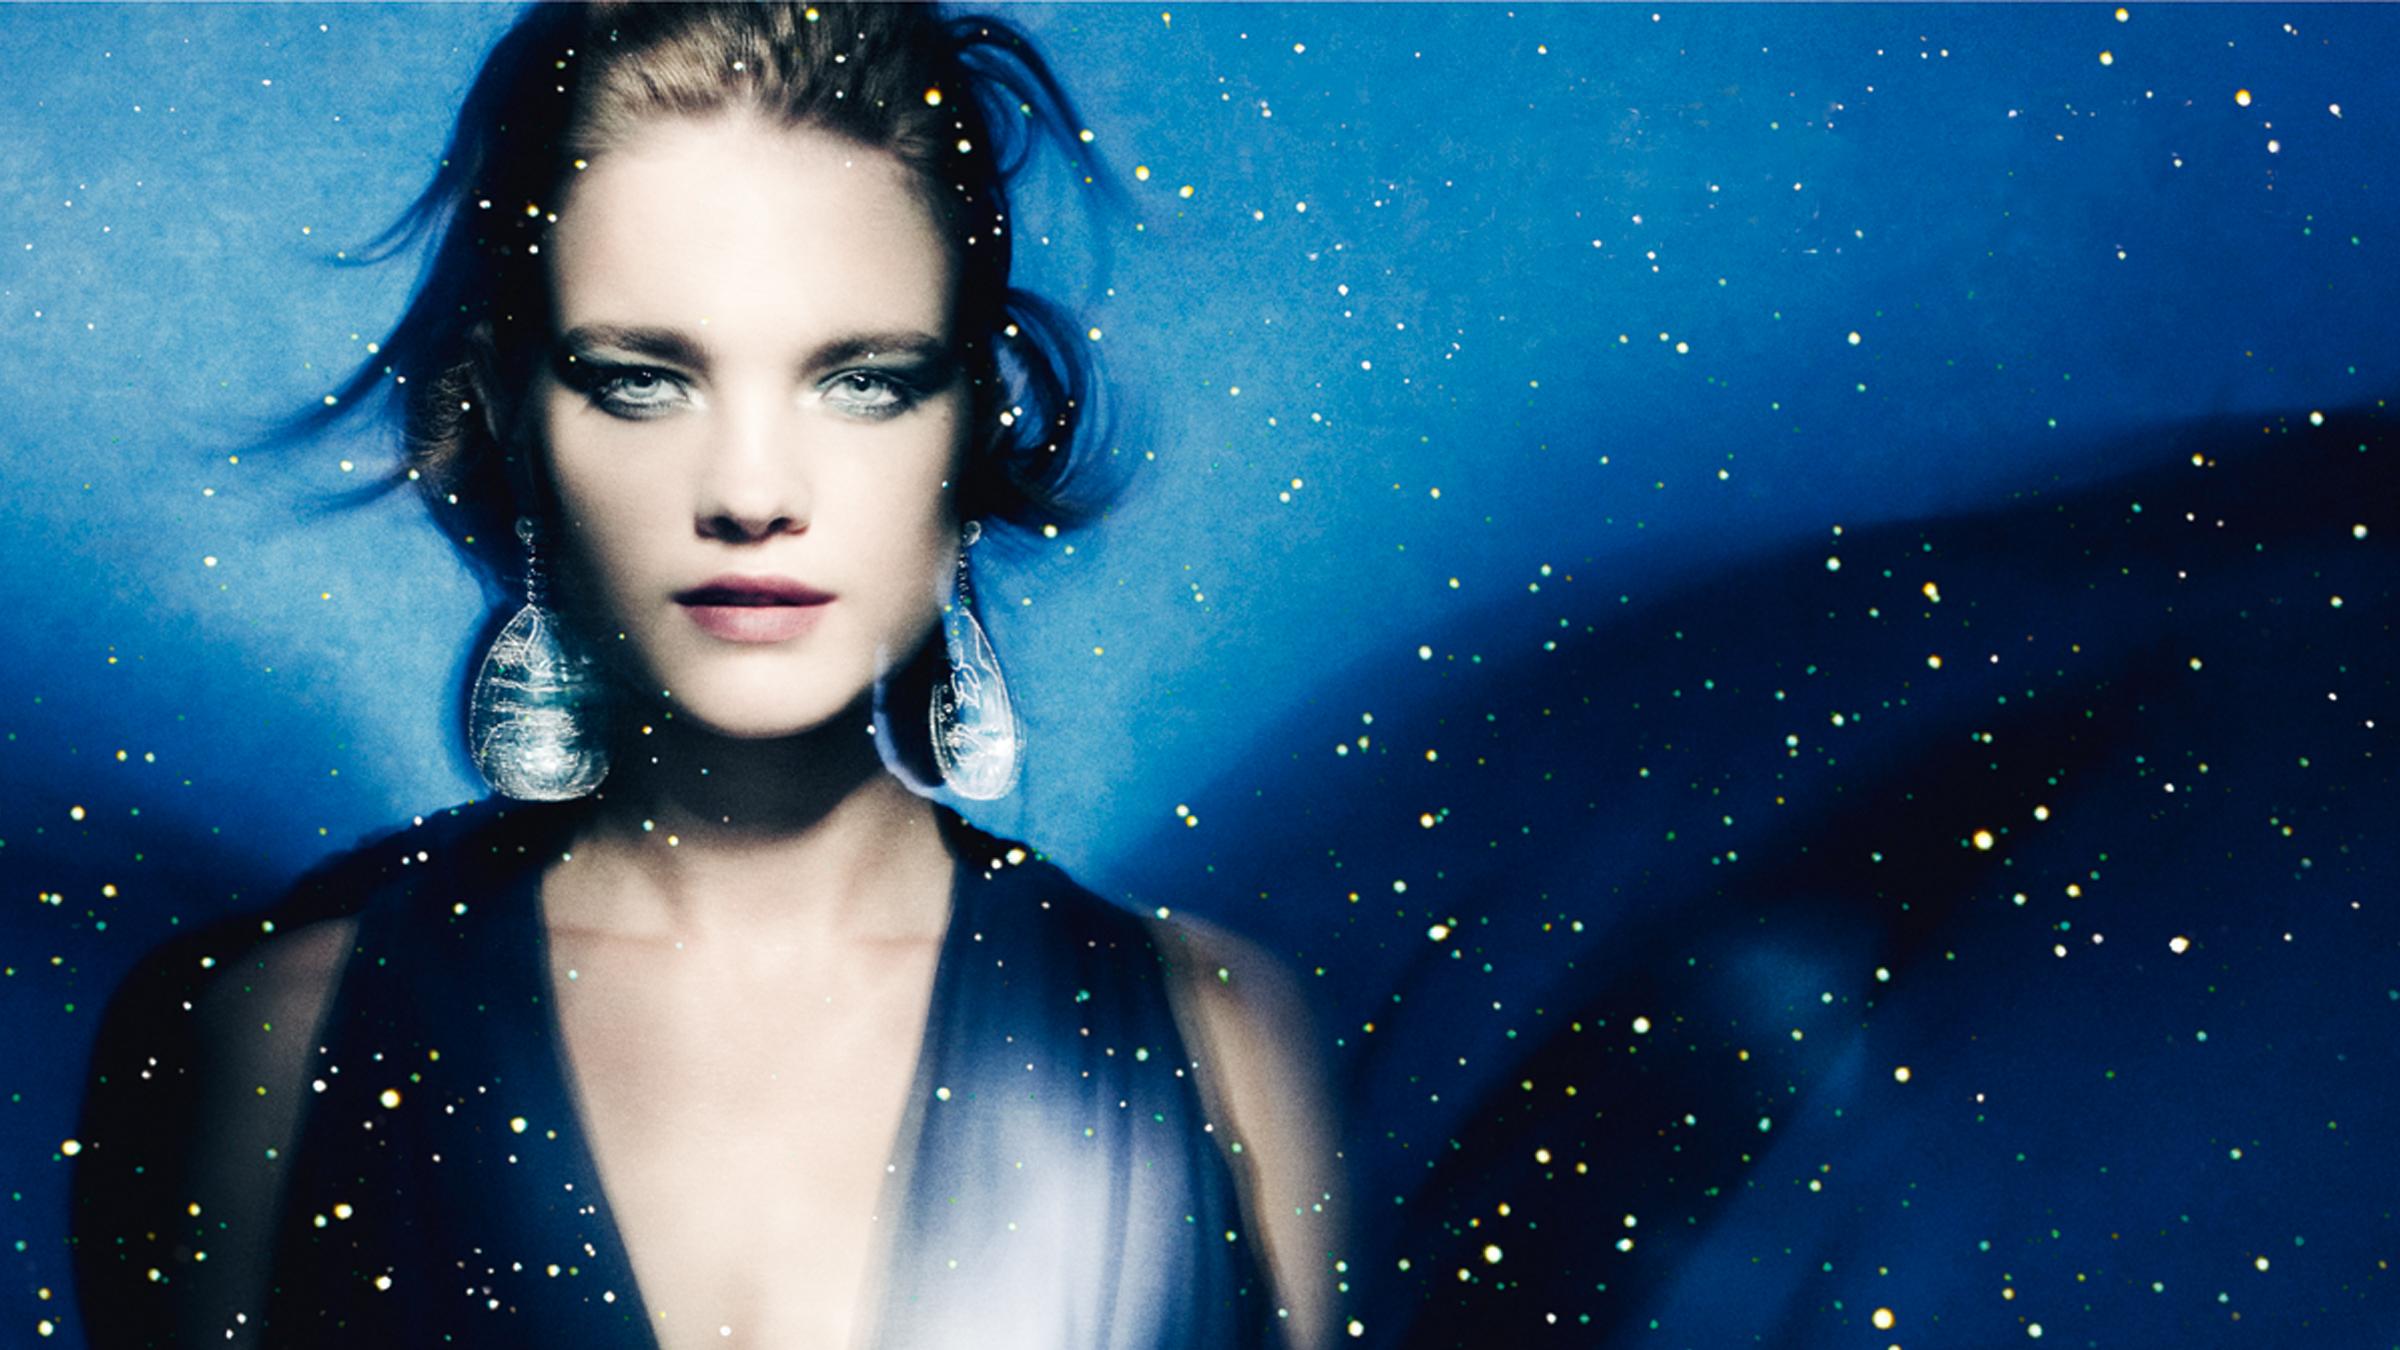 Ad for Guerlain's Vol de Nuit shimmer powder